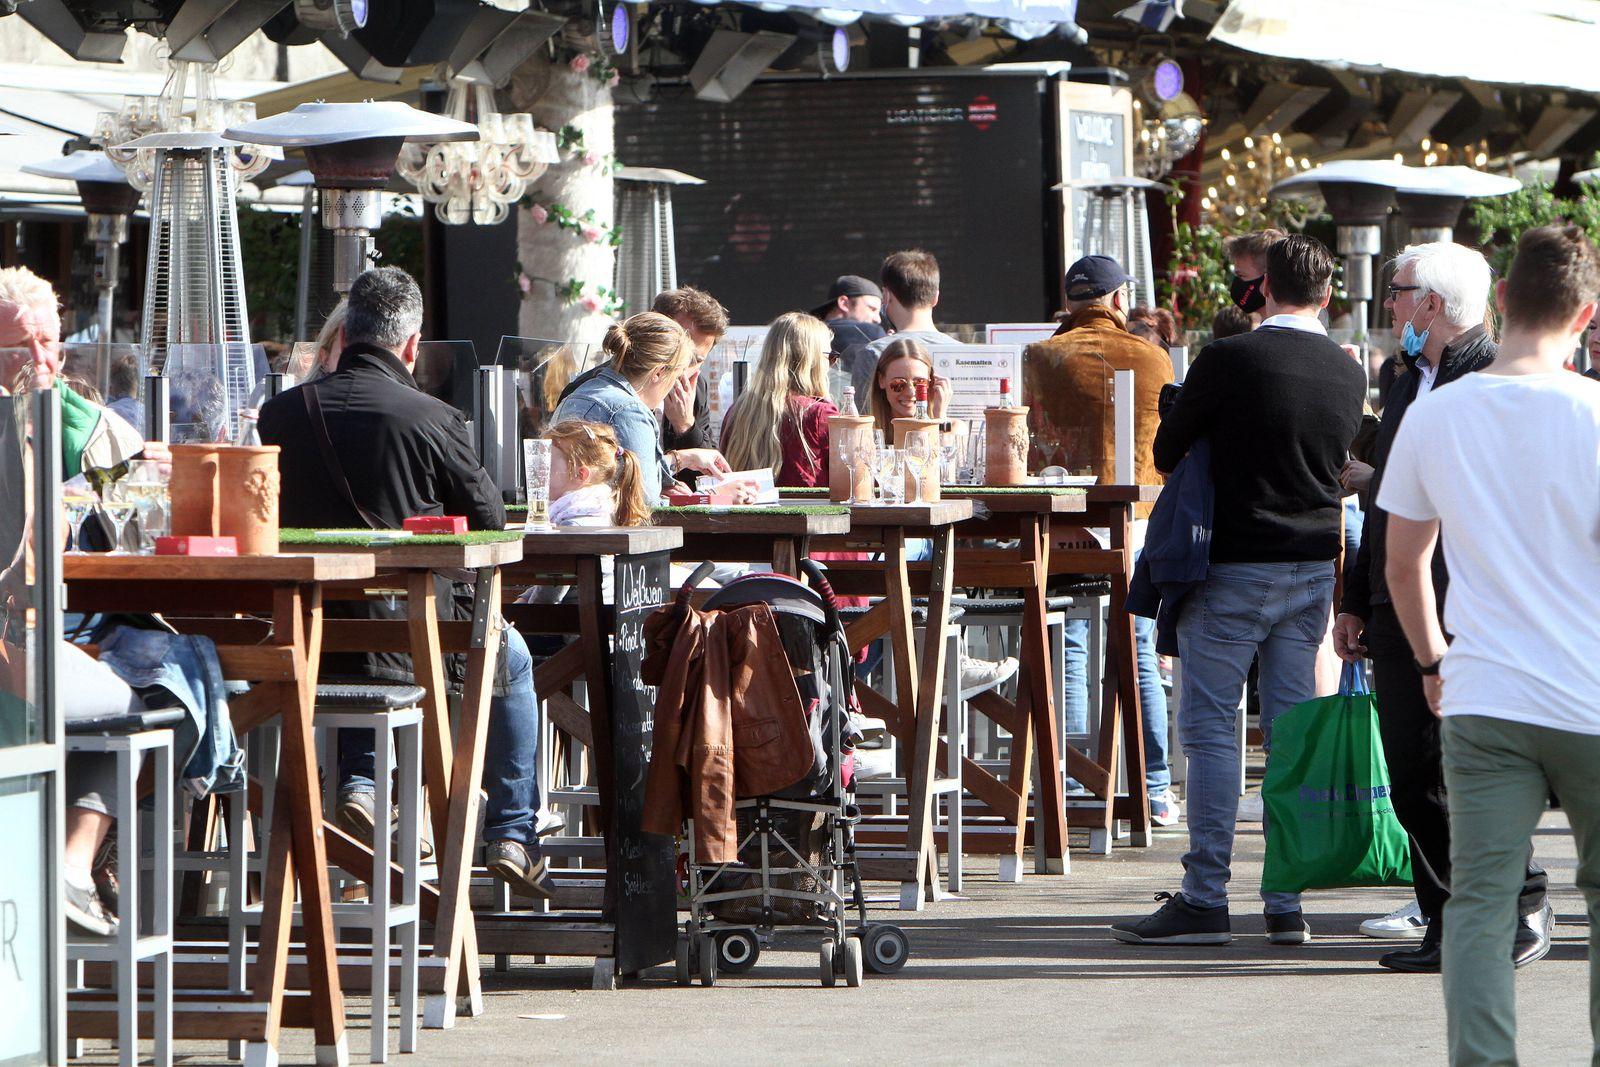 Auf Einlass wartende Gäste stehen vor einem geöffneten und voll besetzten Restaurant in den Kasematten auf der Uferprome